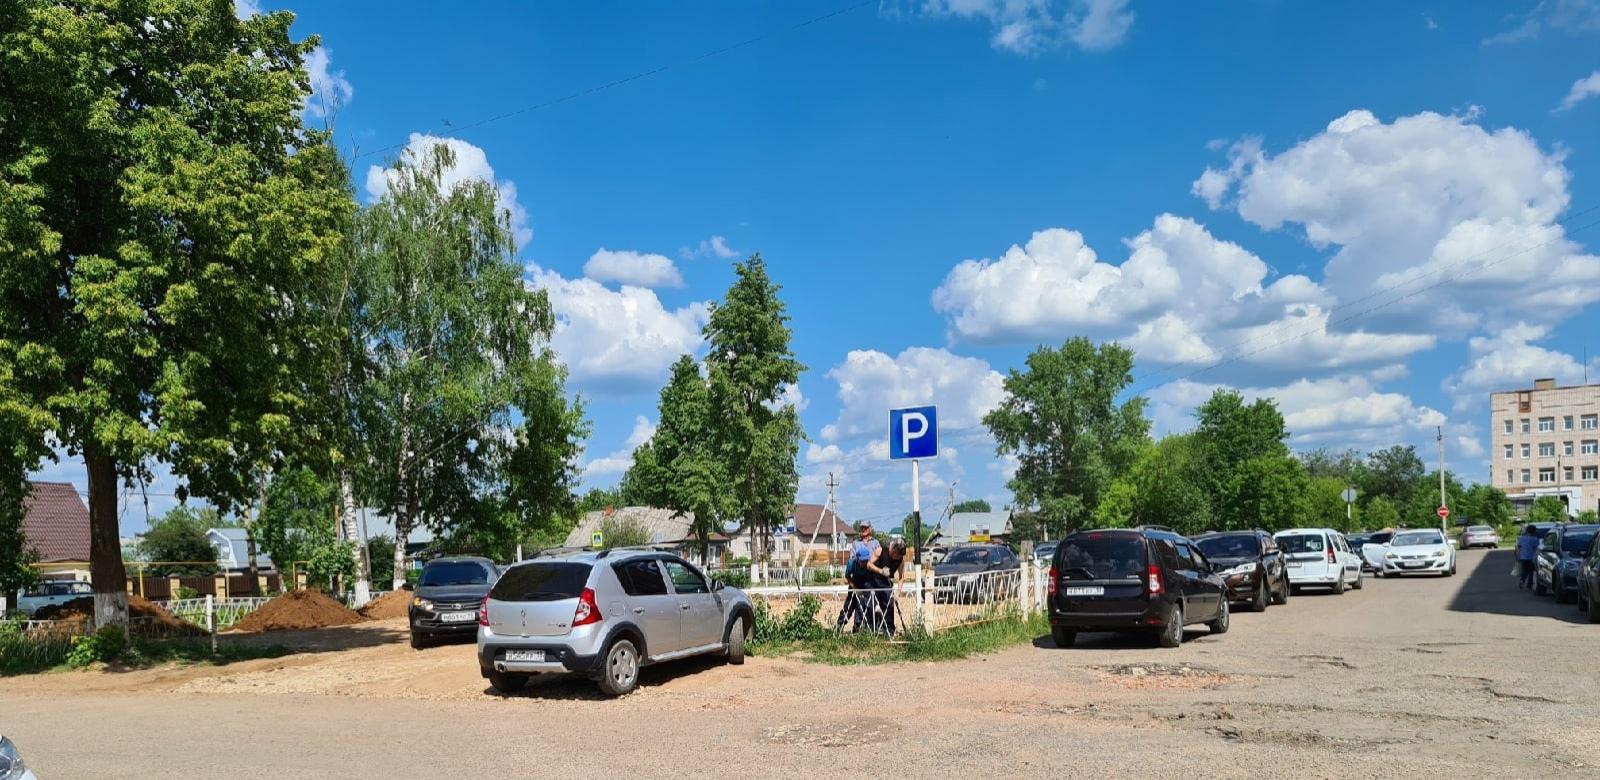 Фоточку расширенной зоны парковки у ЦРБ прислал